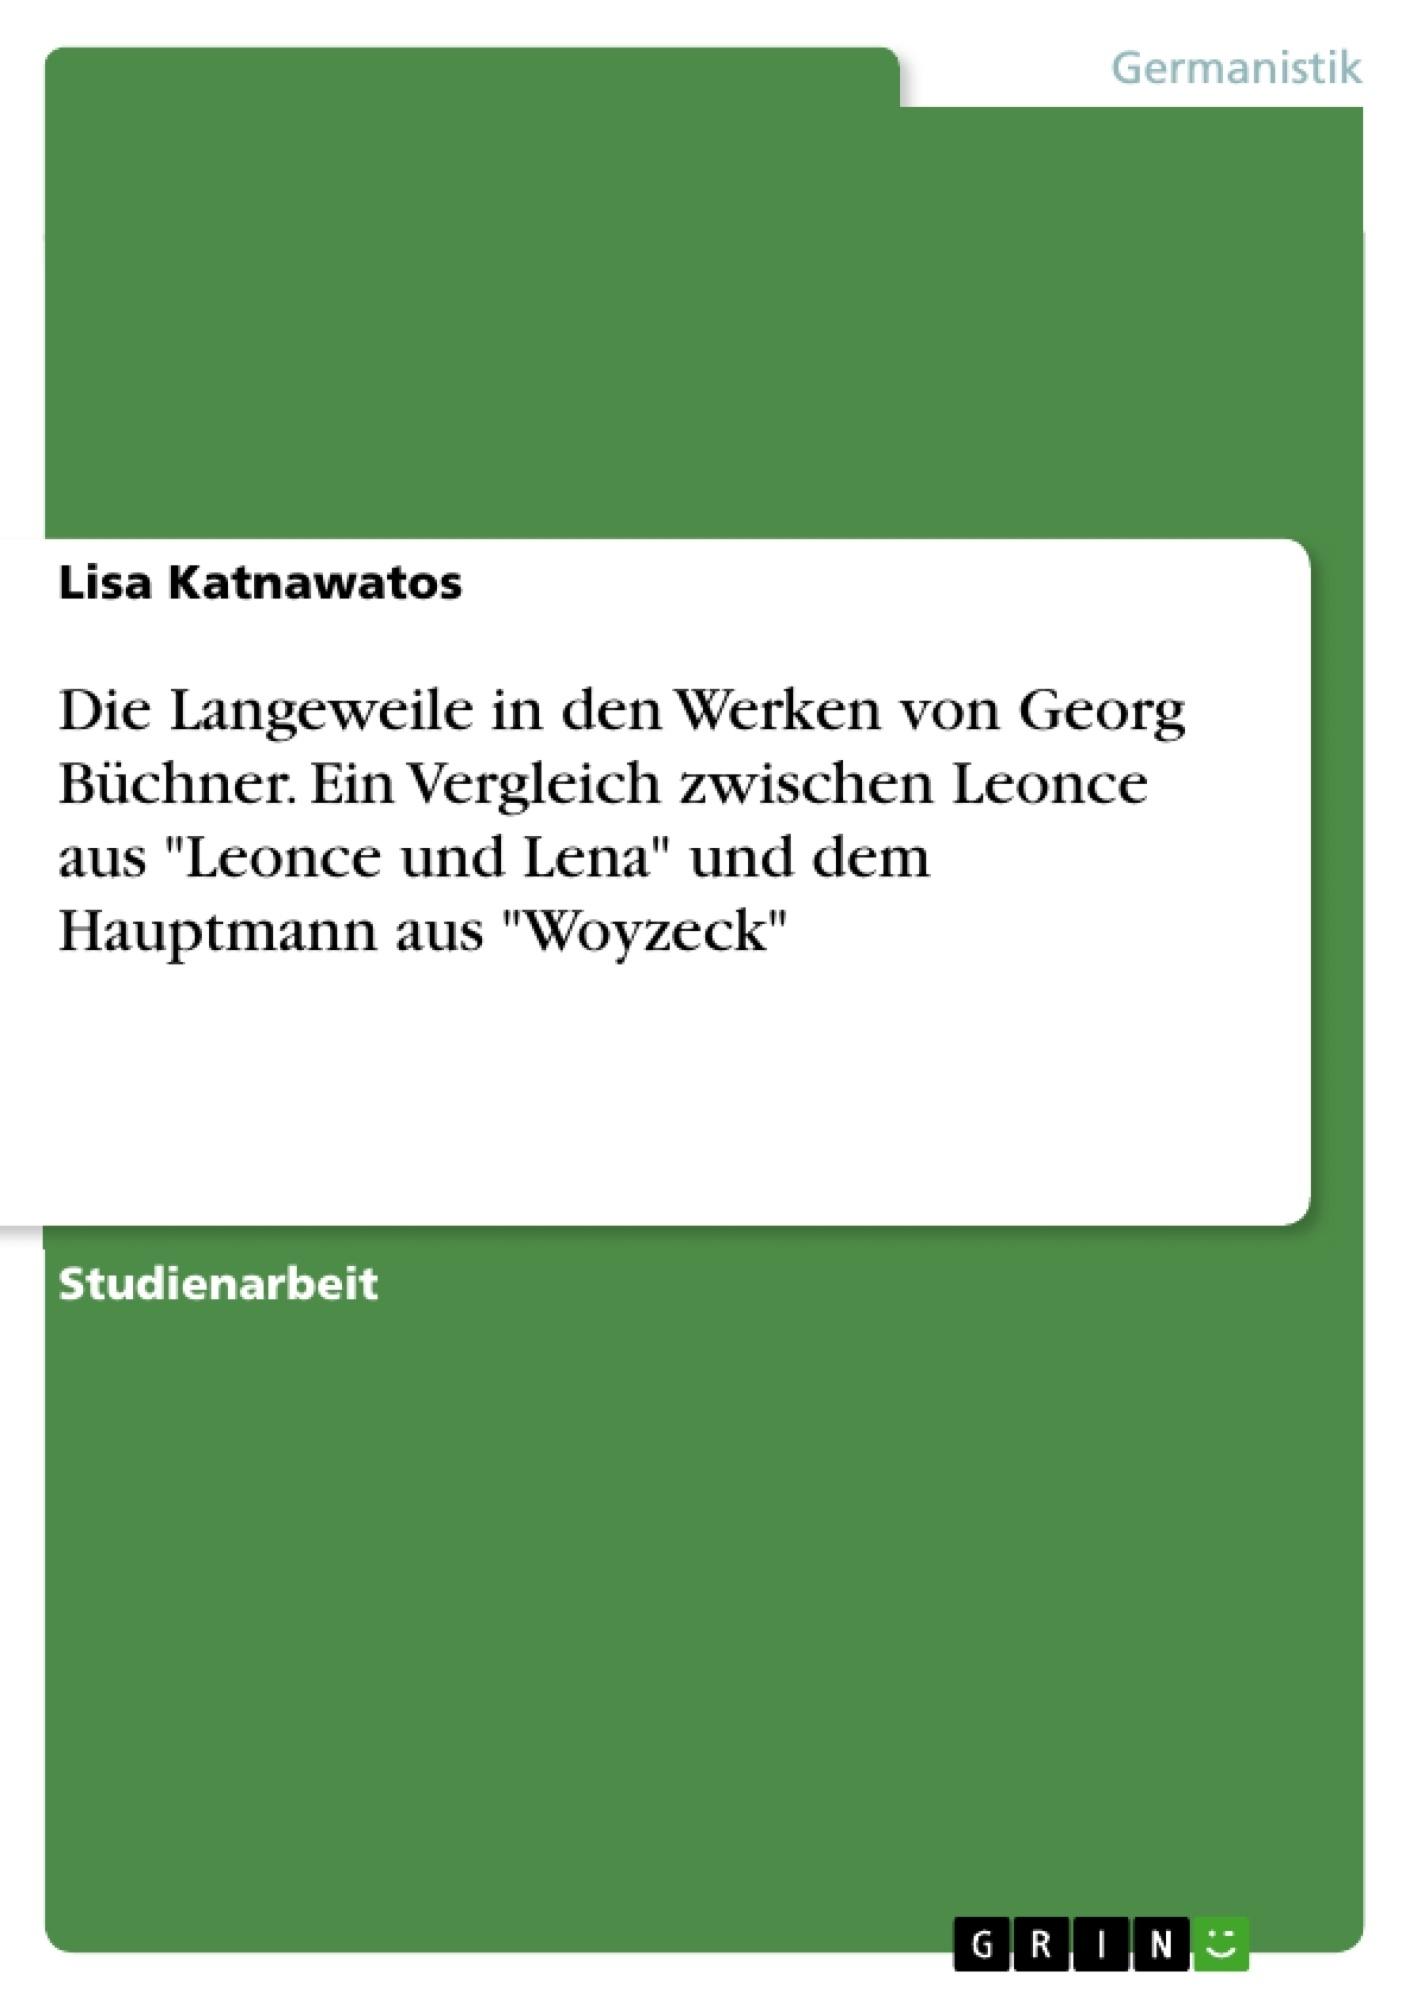 """Titel: Die Langeweile in den Werken von Georg Büchner. Ein Vergleich zwischen Leonce aus """"Leonce und Lena"""" und dem Hauptmann aus """"Woyzeck"""""""